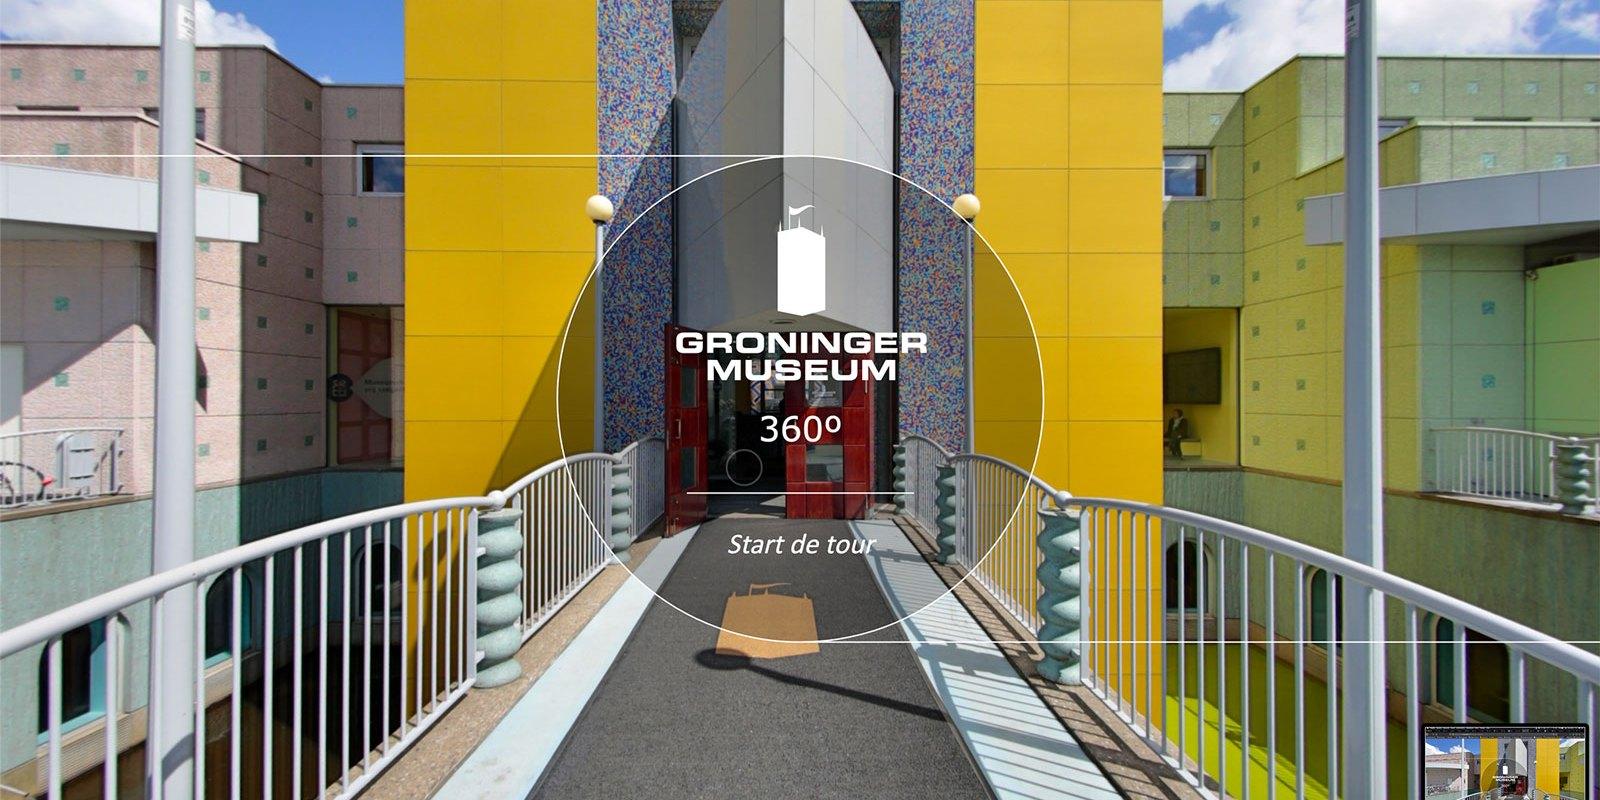 Groningermuseum